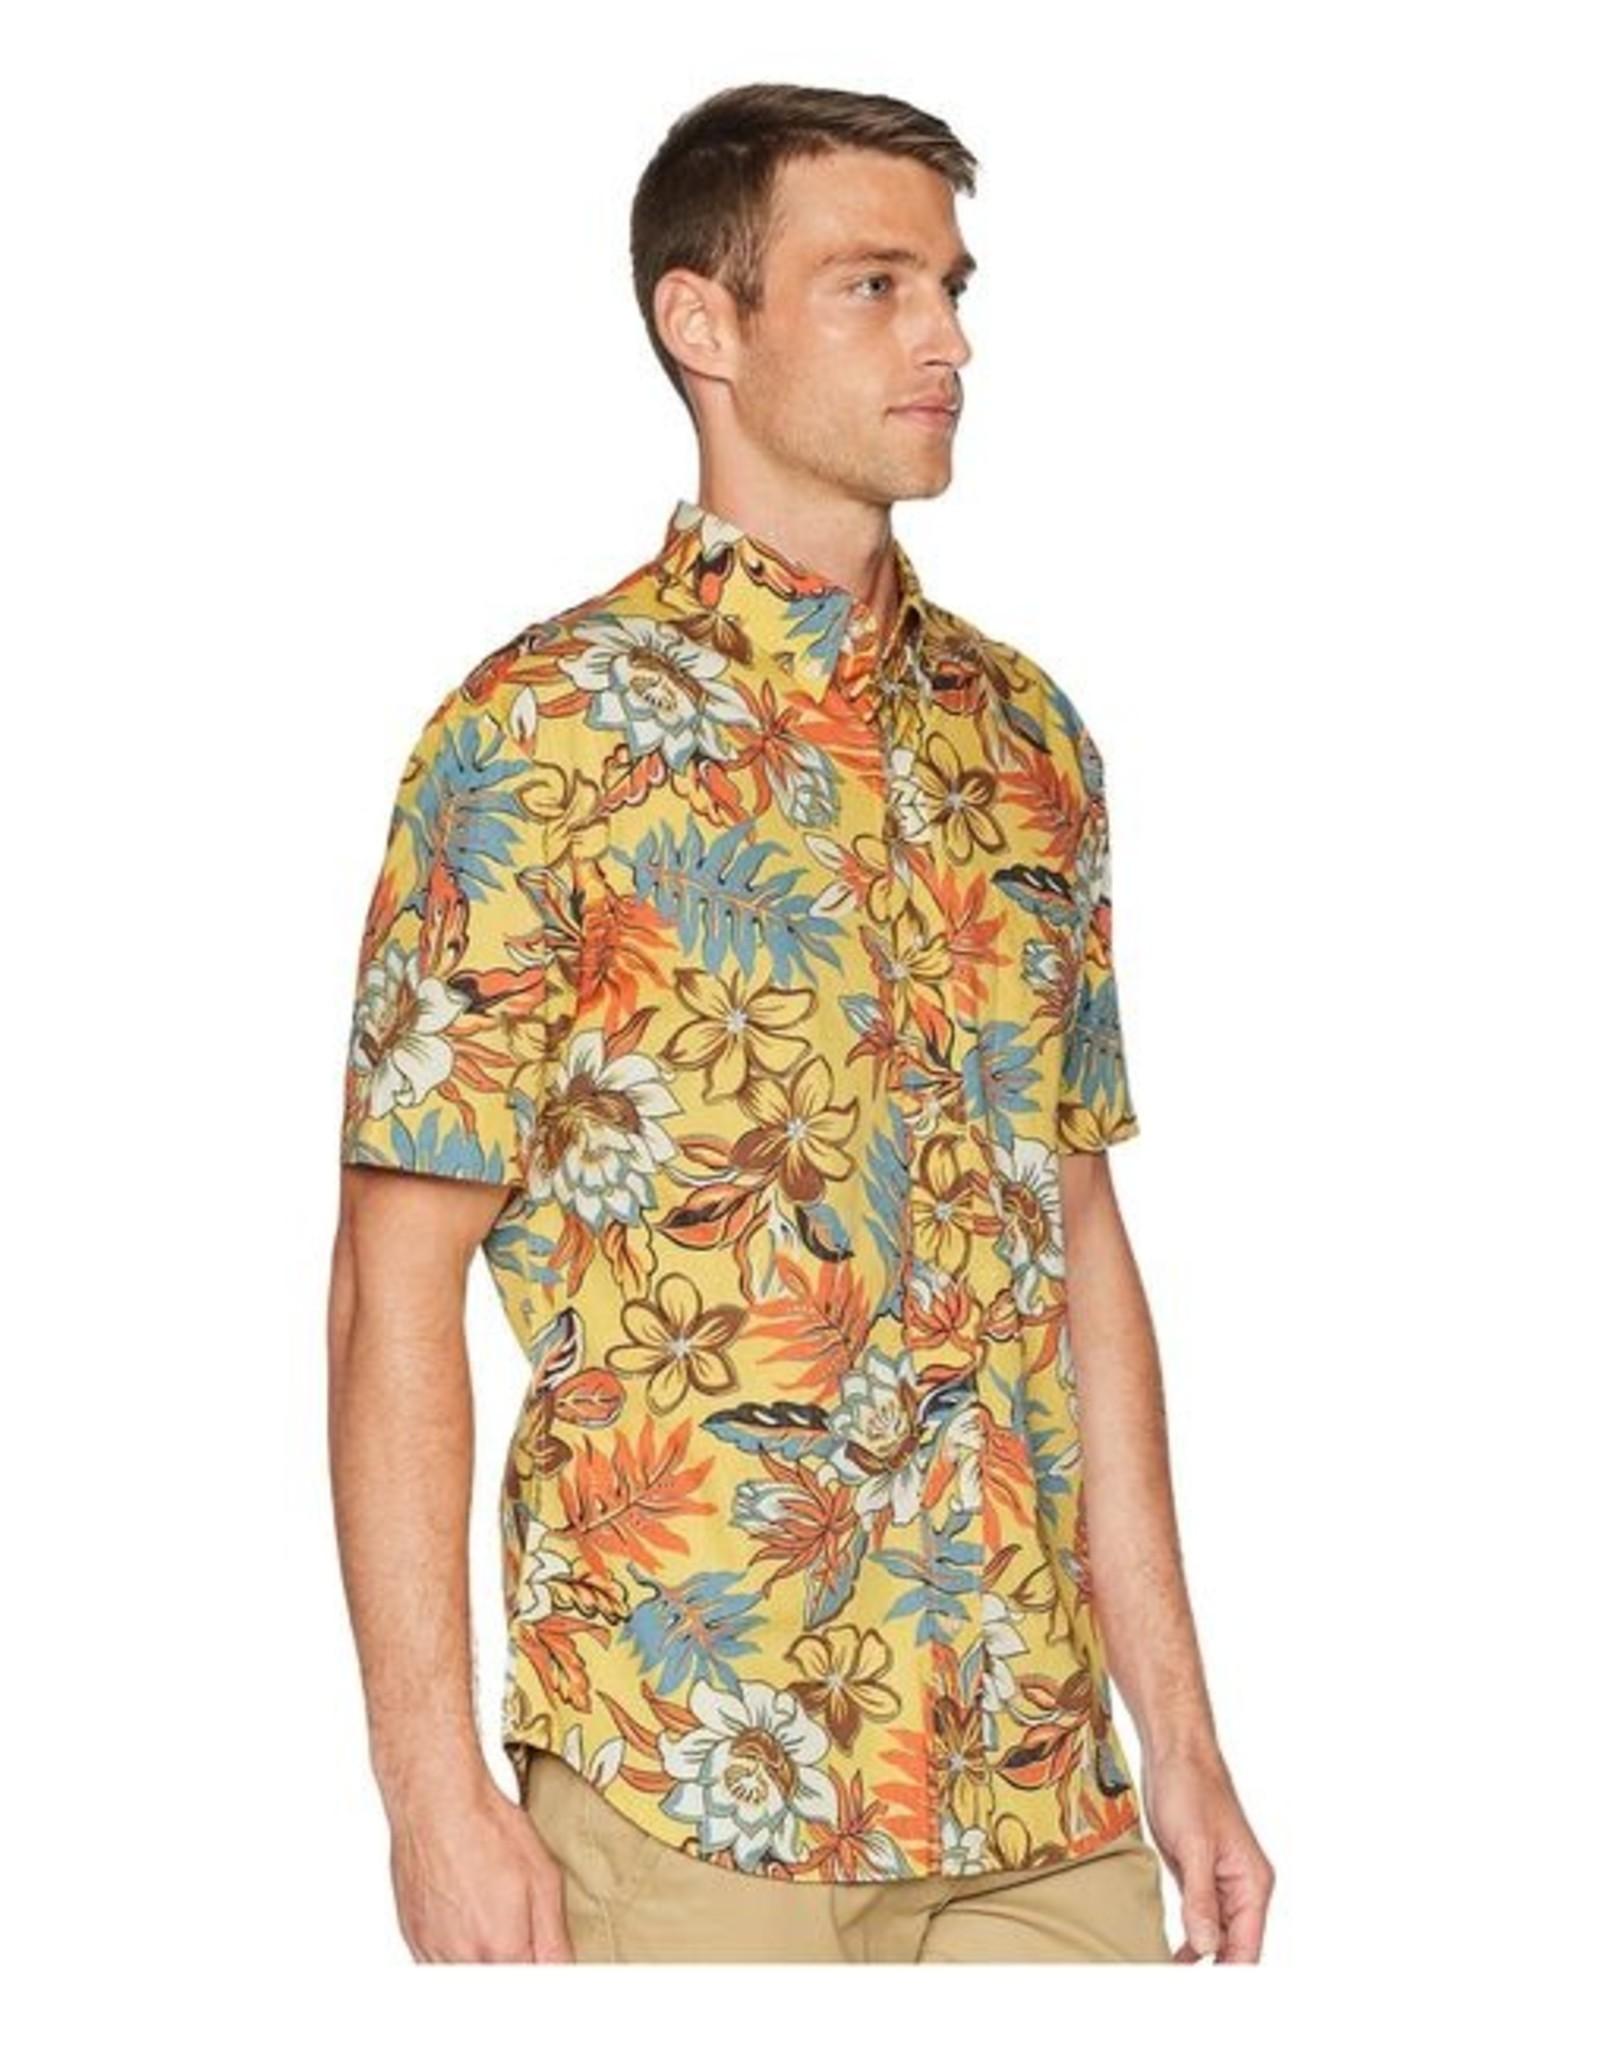 reyn spooner Vintage Hawaiian Shirt